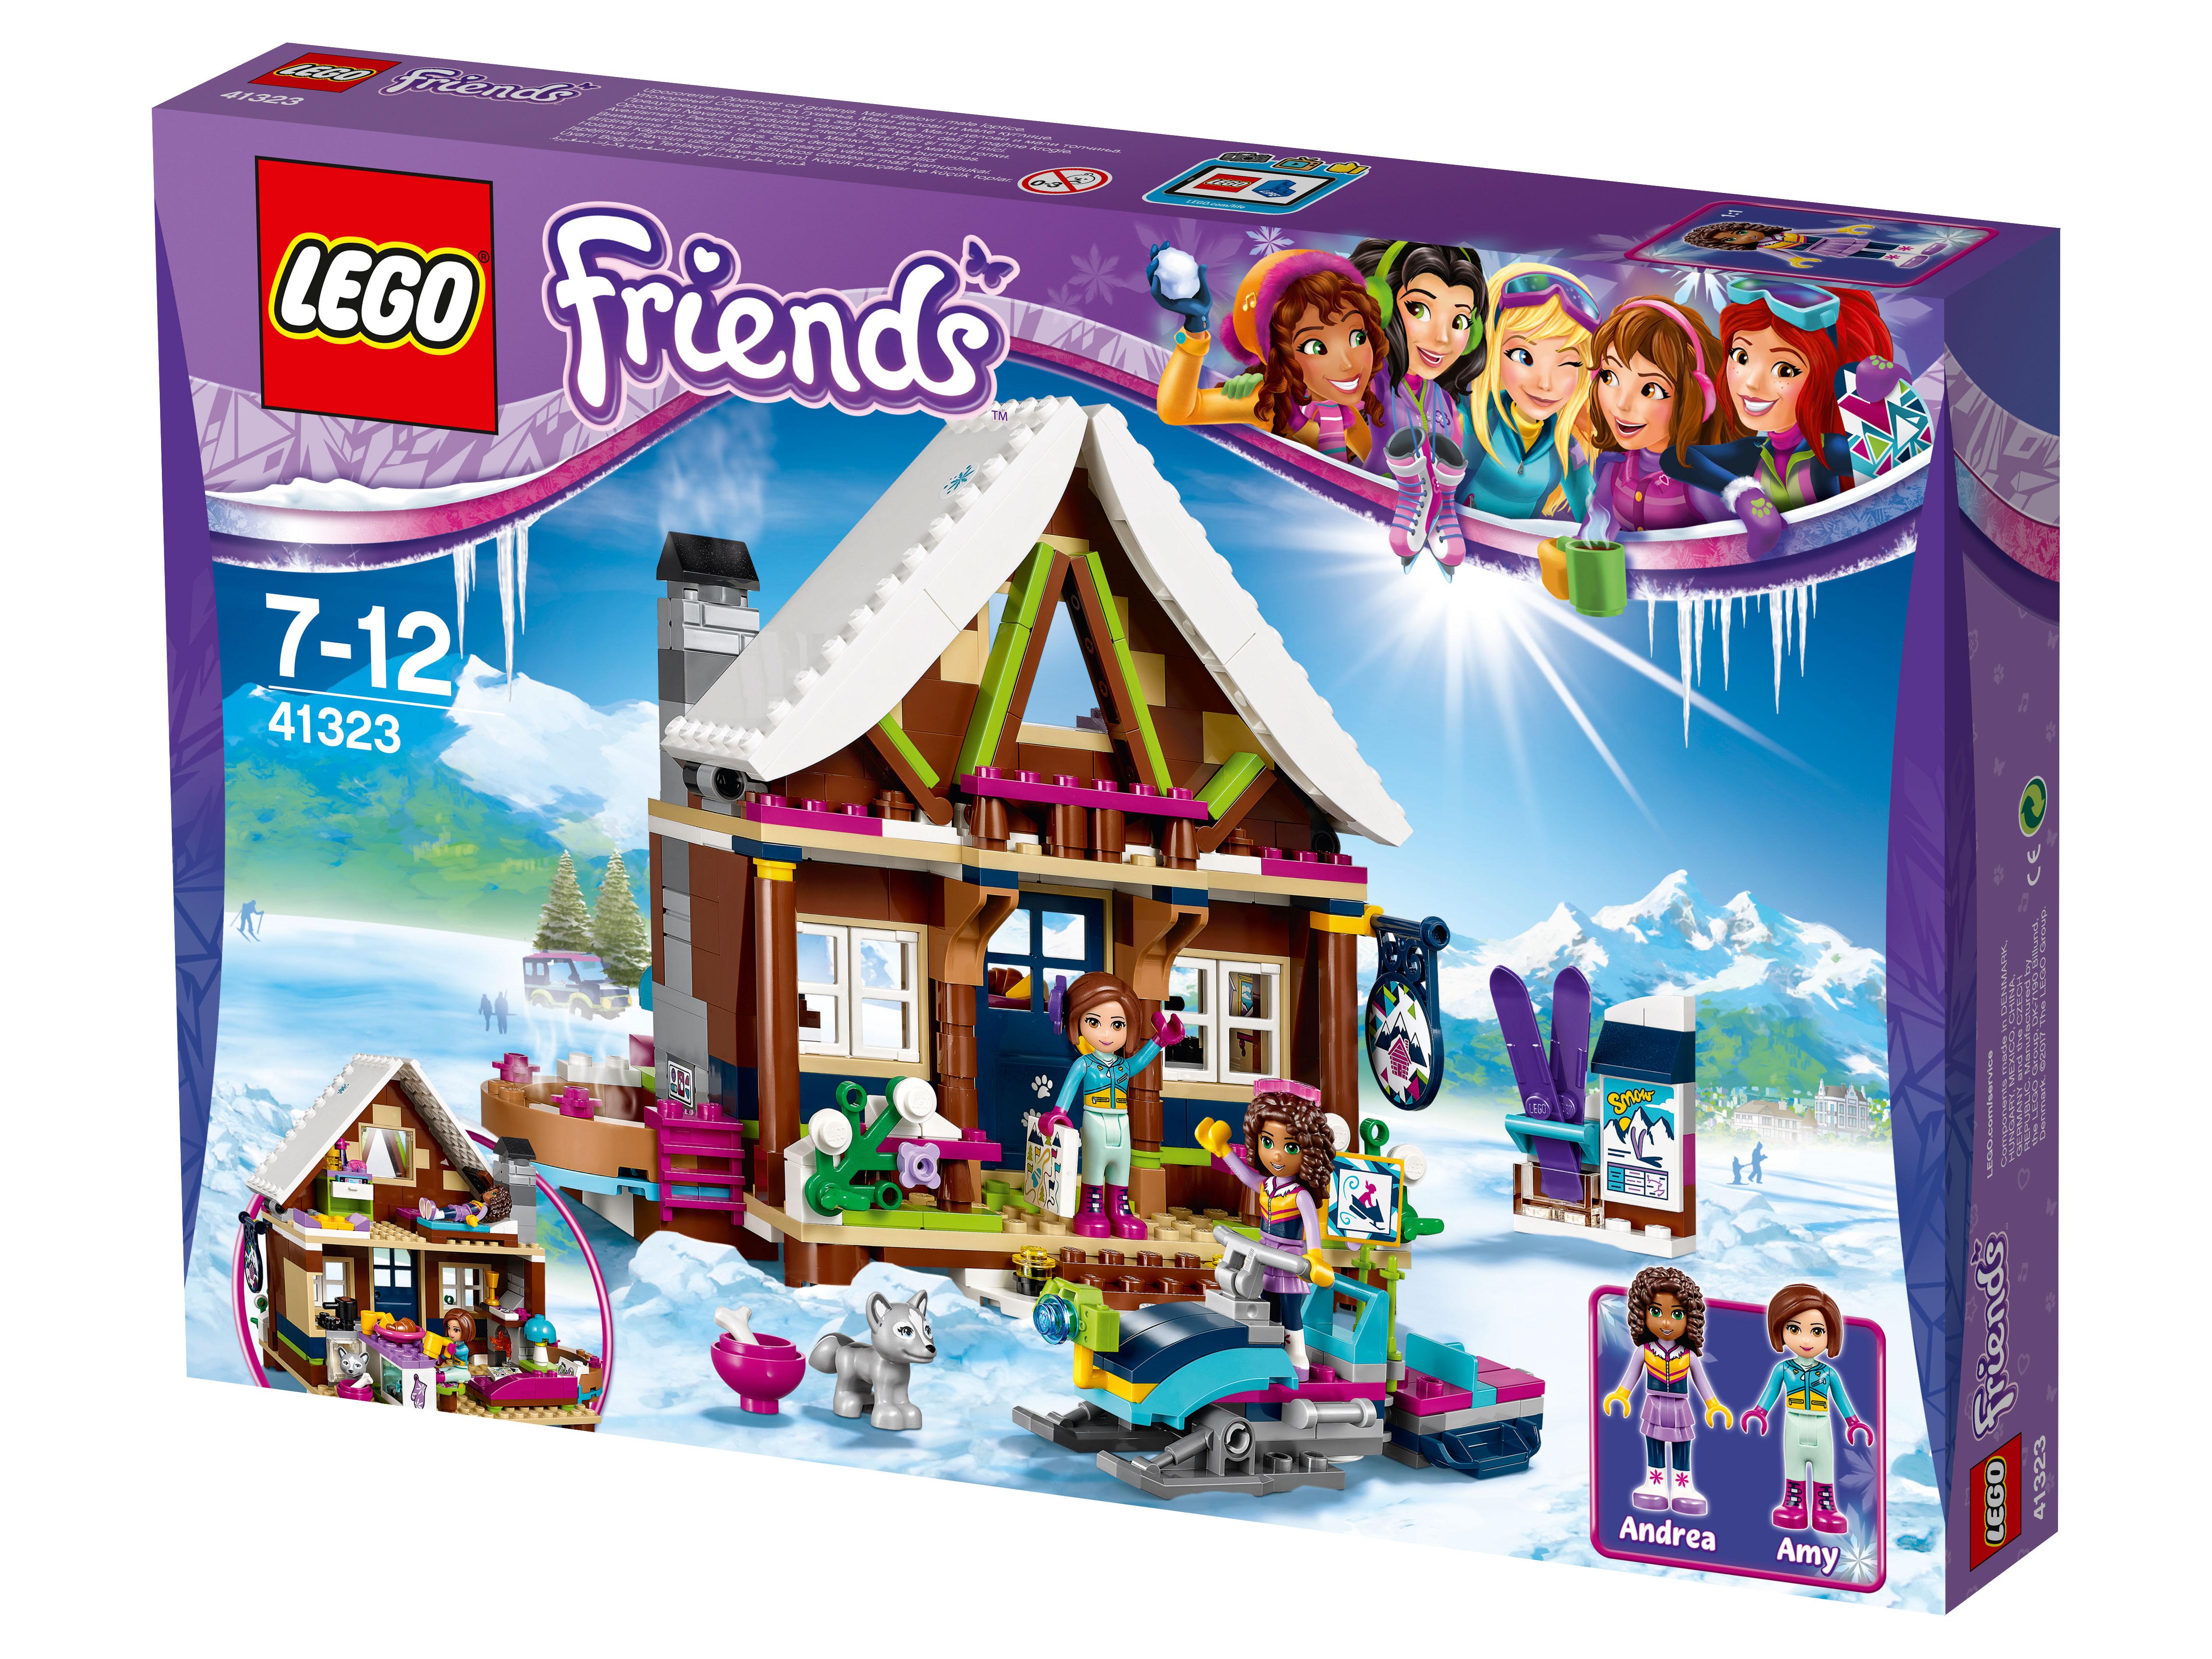 41323 Lego Friends Горнолыжный курорт шалеКак приятно вернуться с горнолыжного катка в уютное шале Лего, где потрескивают дрова в камине и ждет мягкое кресло. Теперь вам будет чем заняться в ближайшие выходные, тем более что Андреа и Эмма давно приглашают в гости. Соберите небольшое шале из 400 деталей и расставьте в нем мебель, чтобы сделать дом еще уютнее и красивее. Во дворе уже стоит новый снегоход — на нм вы легко доберетесь до трассы. Не забудьте покормить щенка, чтобы он не скучал во время вашего отсутствия. Обед для себя и друзей можно приготовить на кухне с видом на горные вершины и трассы. Нужно согреться после возвращения с морозного воздуха? Вас уже ждет горячее джакузи и спальня, где можно легко восстановить силы перед началом нового дня и новых приключений.<br>